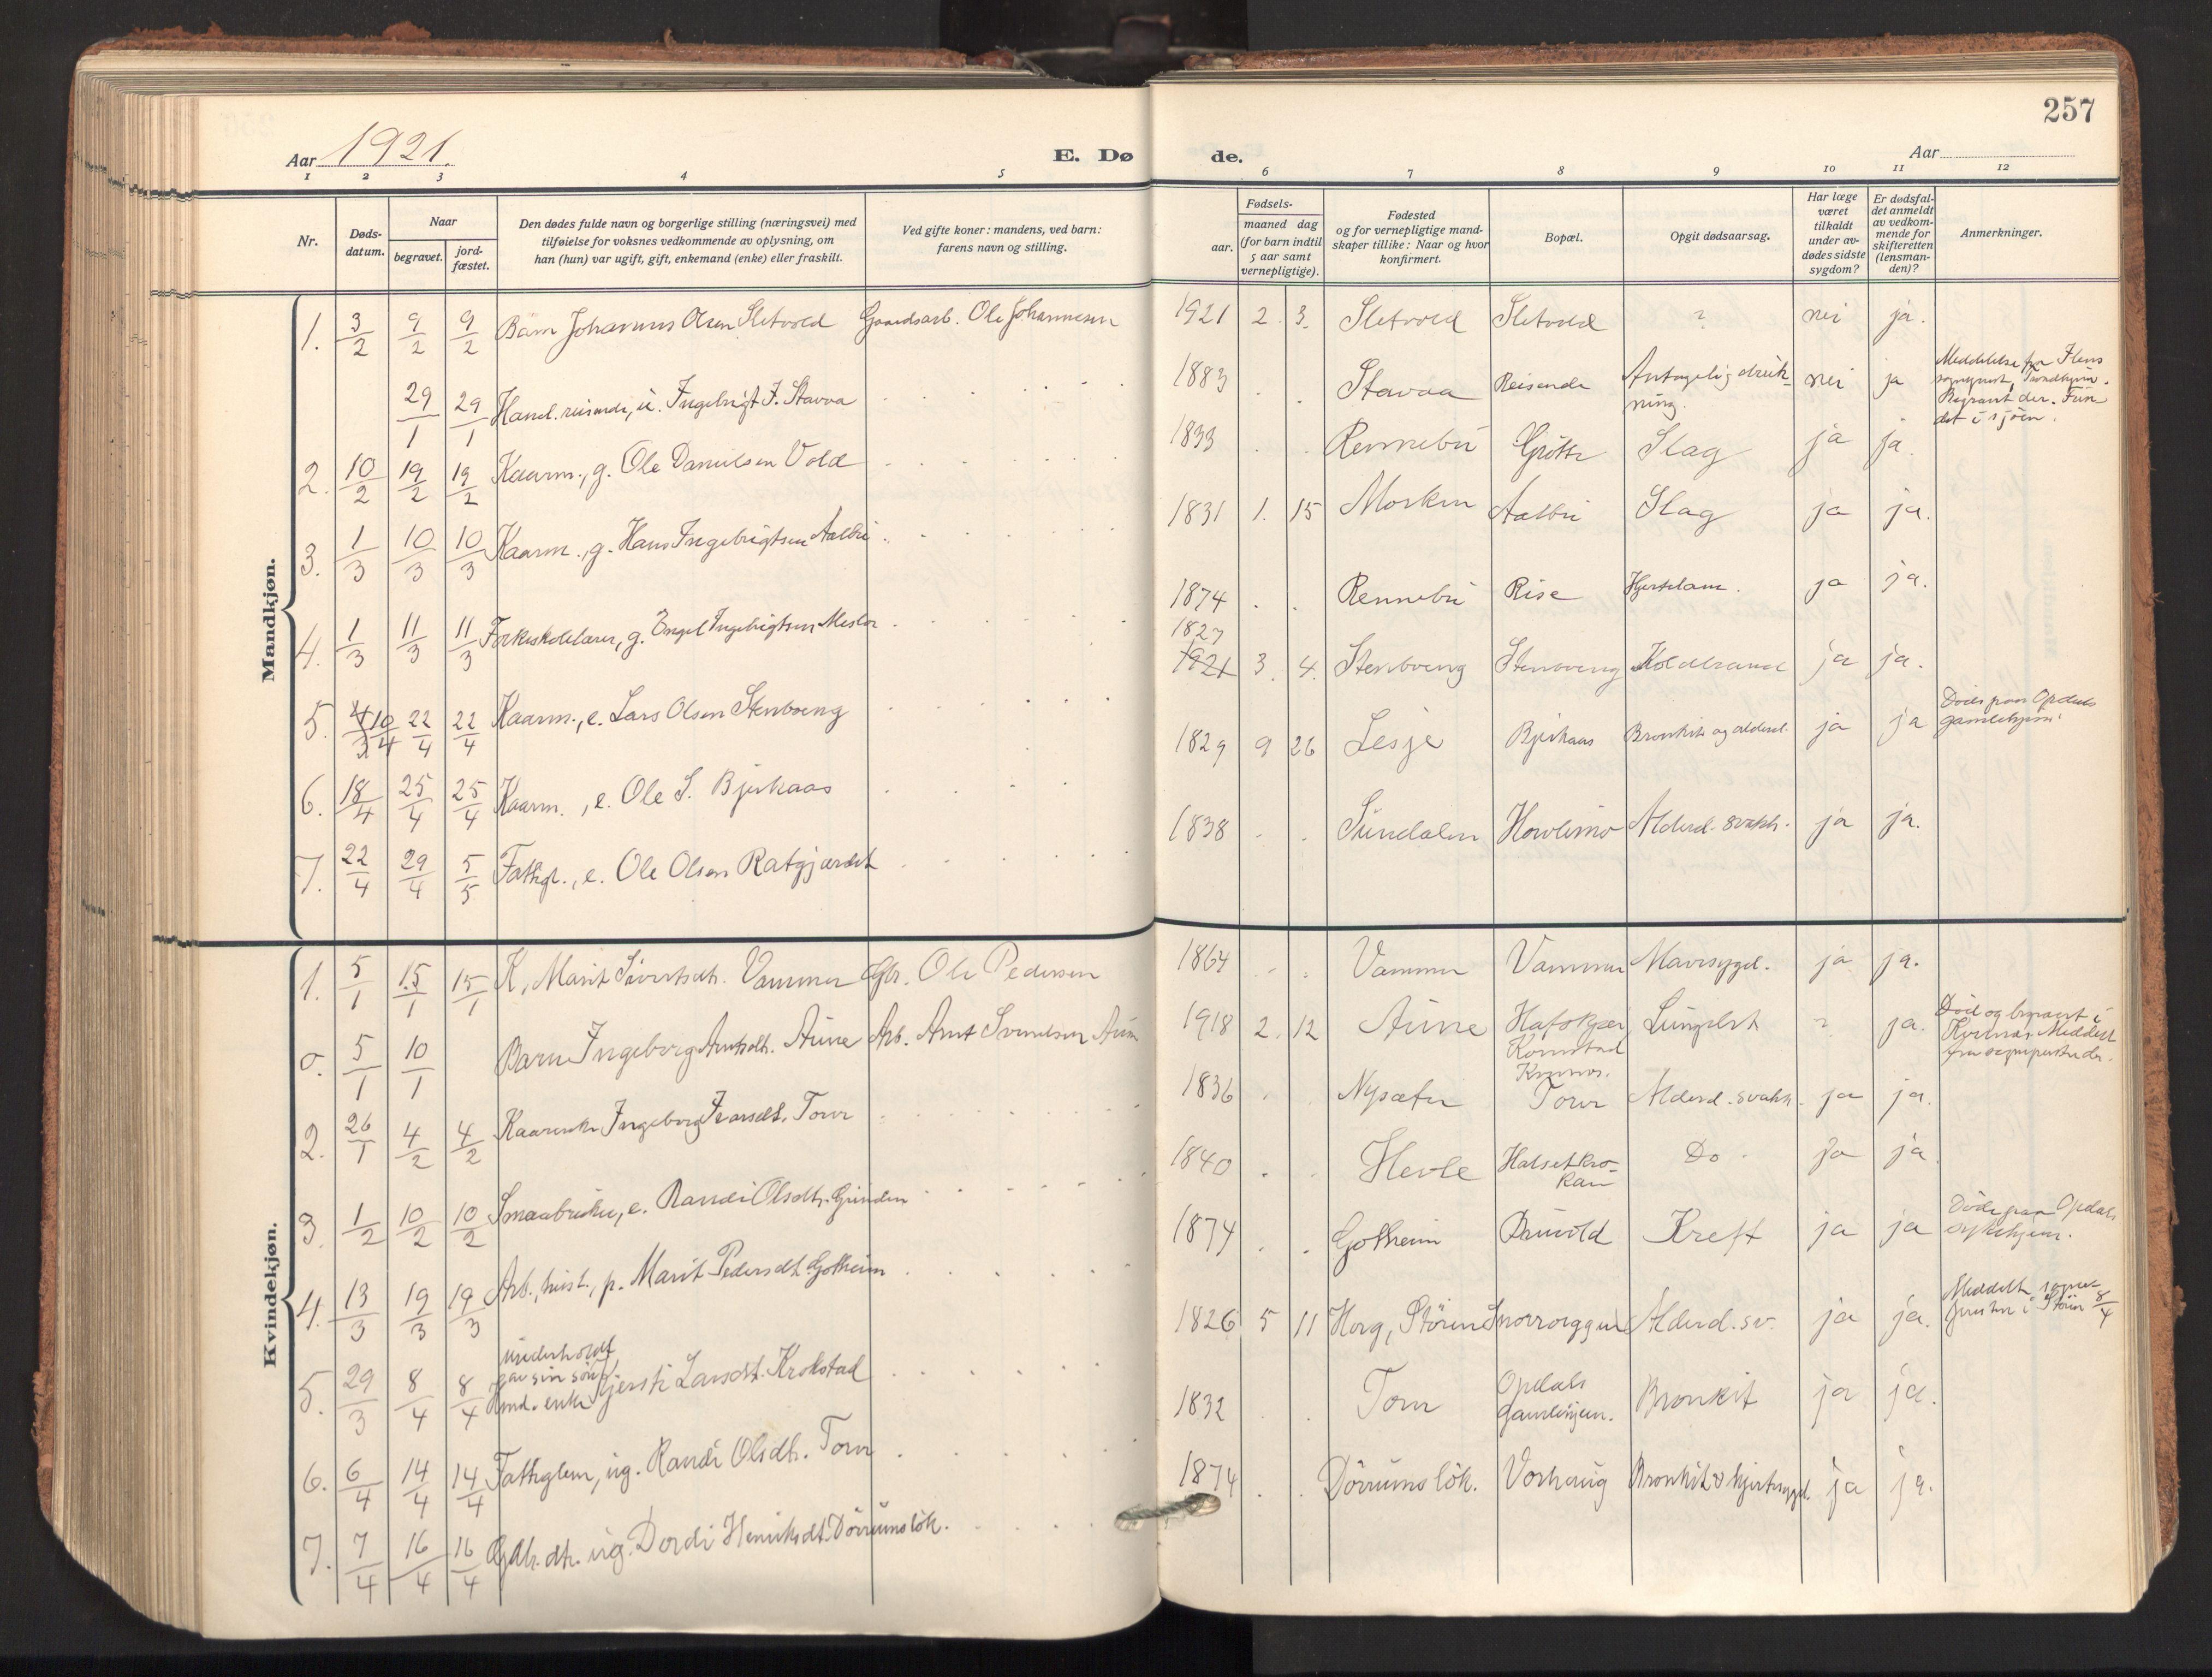 SAT, Ministerialprotokoller, klokkerbøker og fødselsregistre - Sør-Trøndelag, 678/L0909: Ministerialbok nr. 678A17, 1912-1930, s. 257